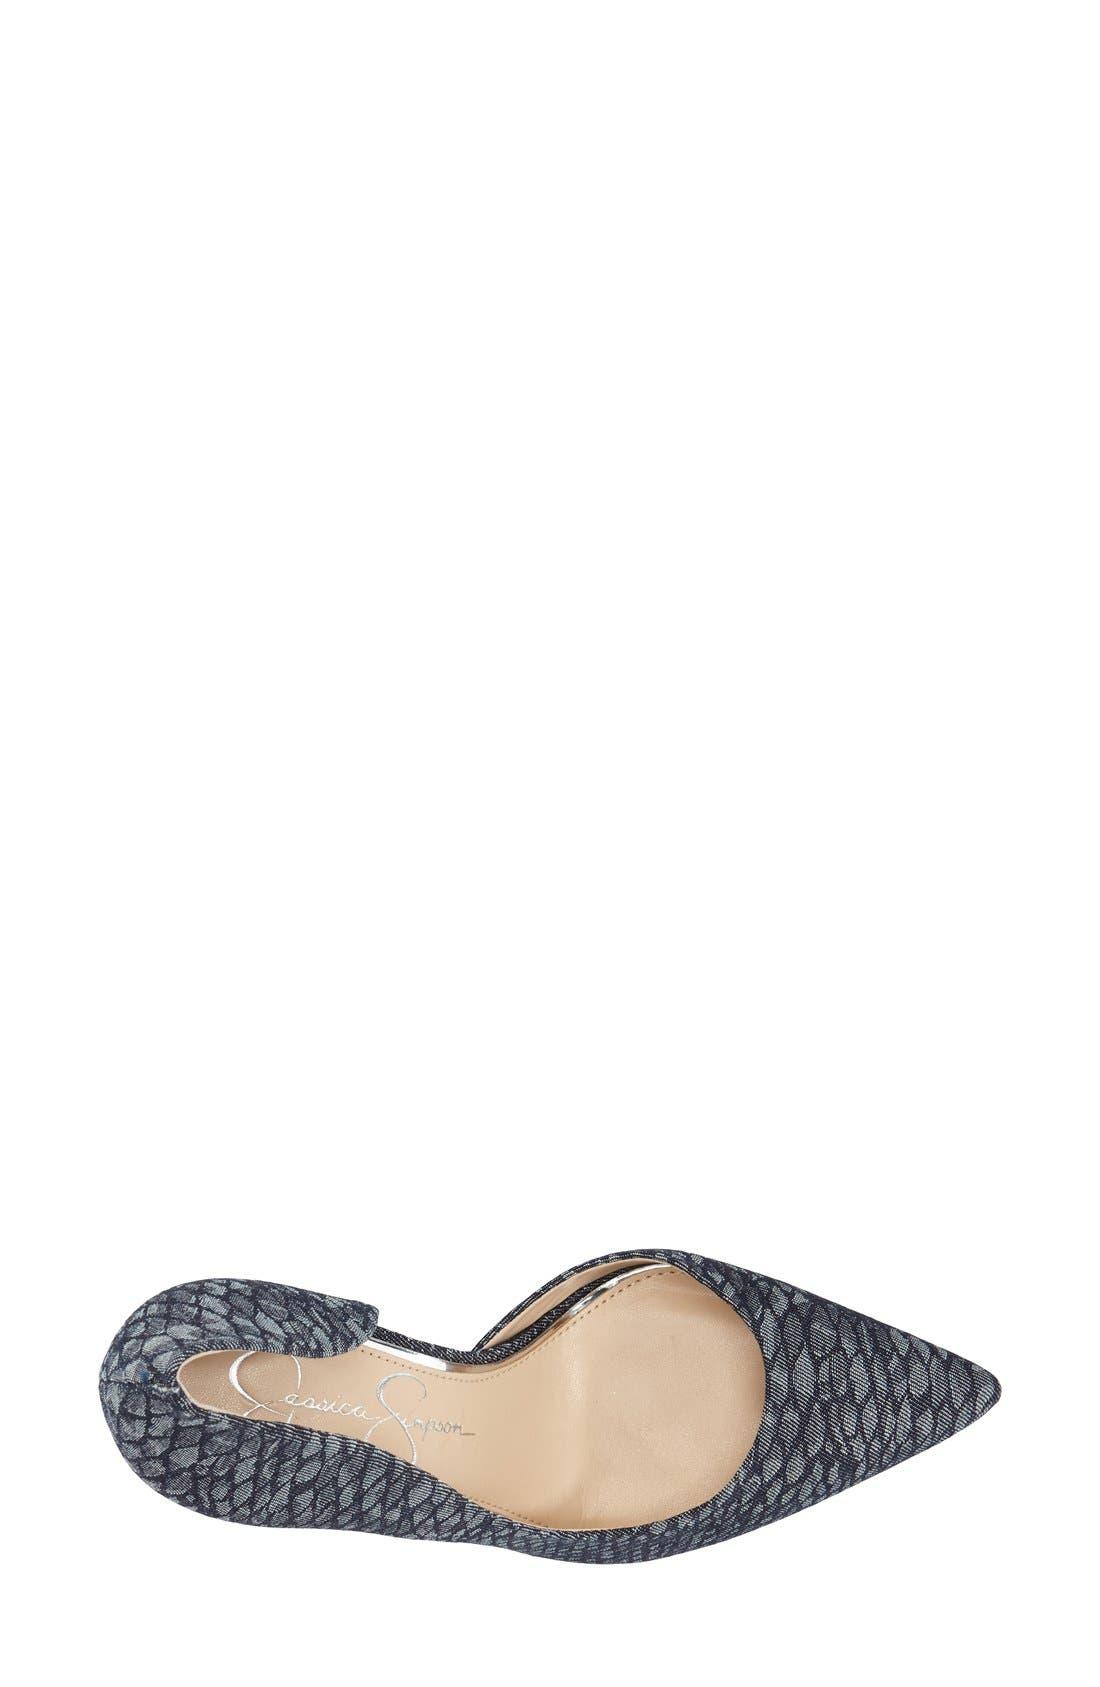 ,                             'Claudette' Half d'Orsay Pump,                             Alternate thumbnail 198, color,                             475